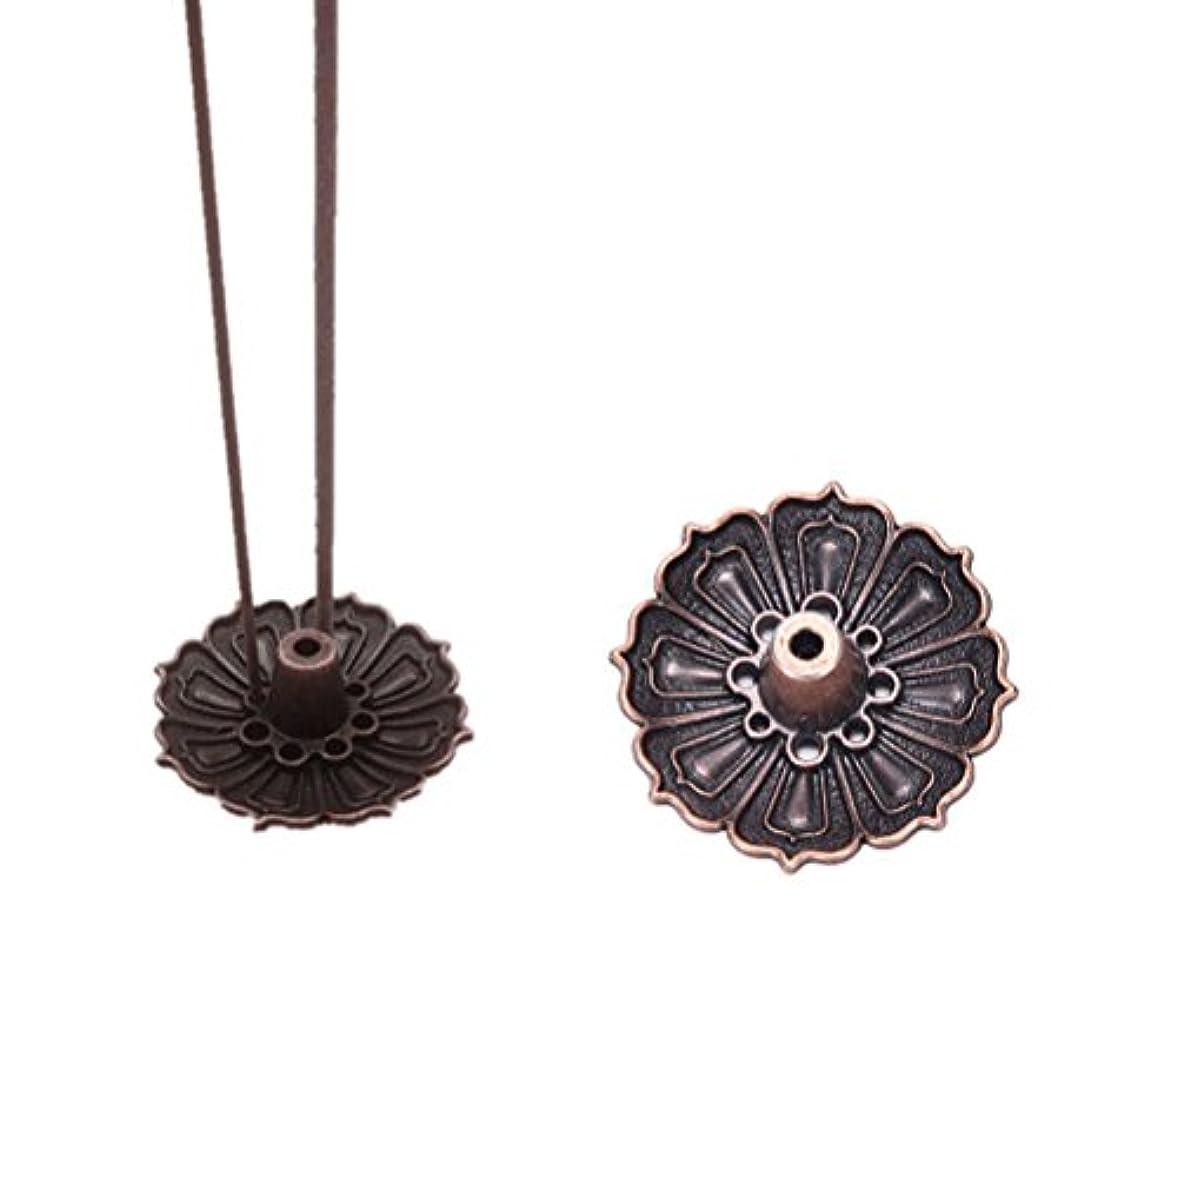 同情毒フレット(10) - 9 Holes Lotus Incense Burner Holder Flower Shaped Censer Plate For Sticks Cone Home Fragrance Accessories...